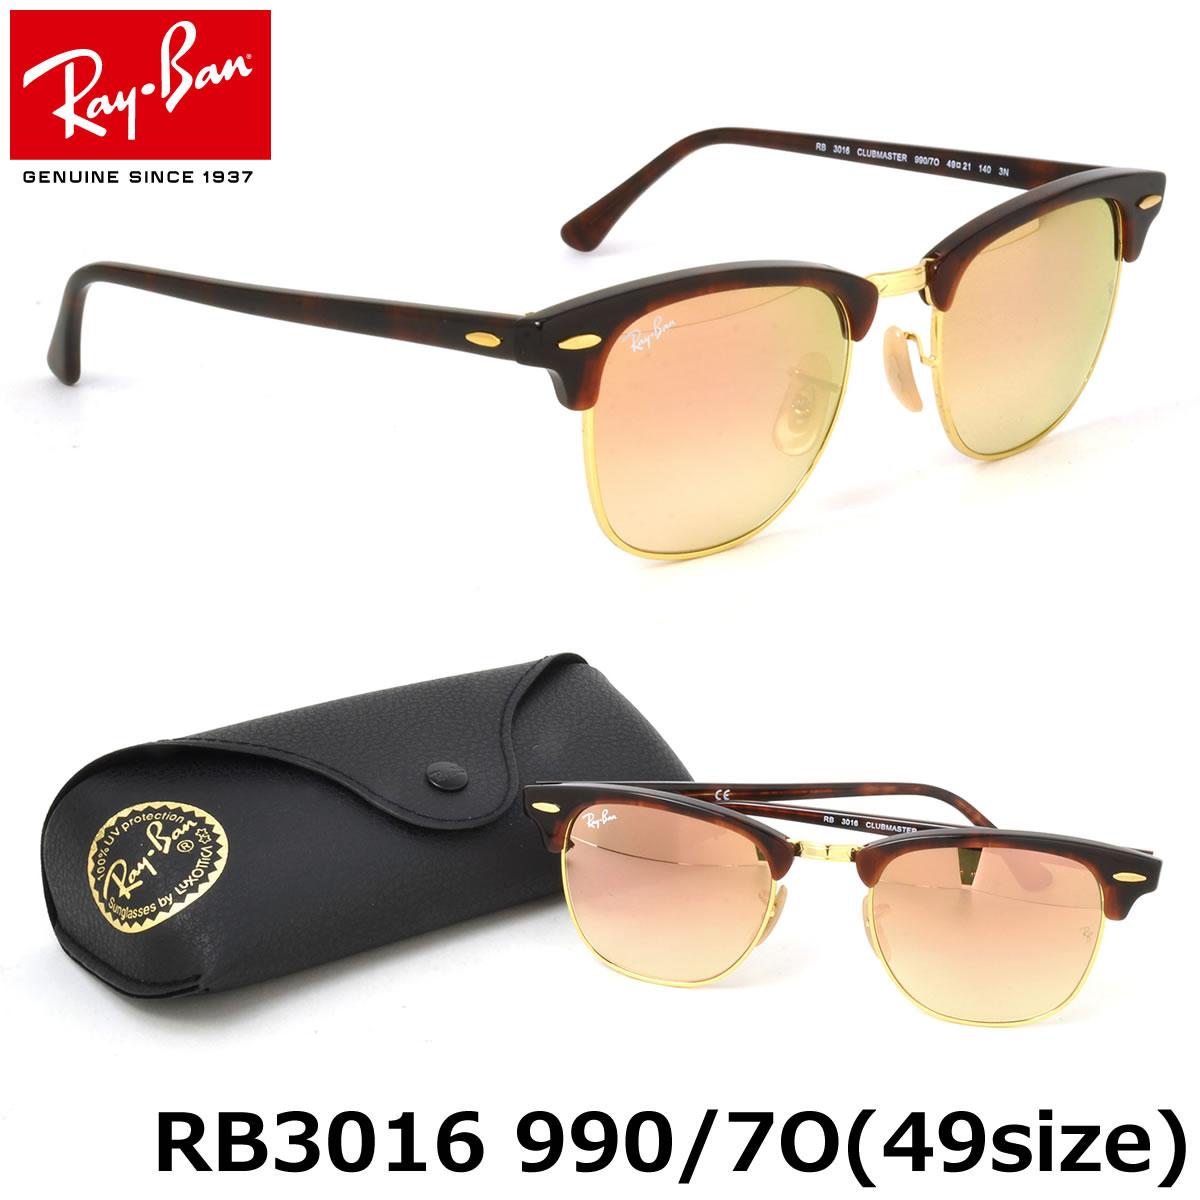 Optical Shop Thats  Ray-Ban Sunglasses RB3016 990 7O 49size ... c2e1ee4831